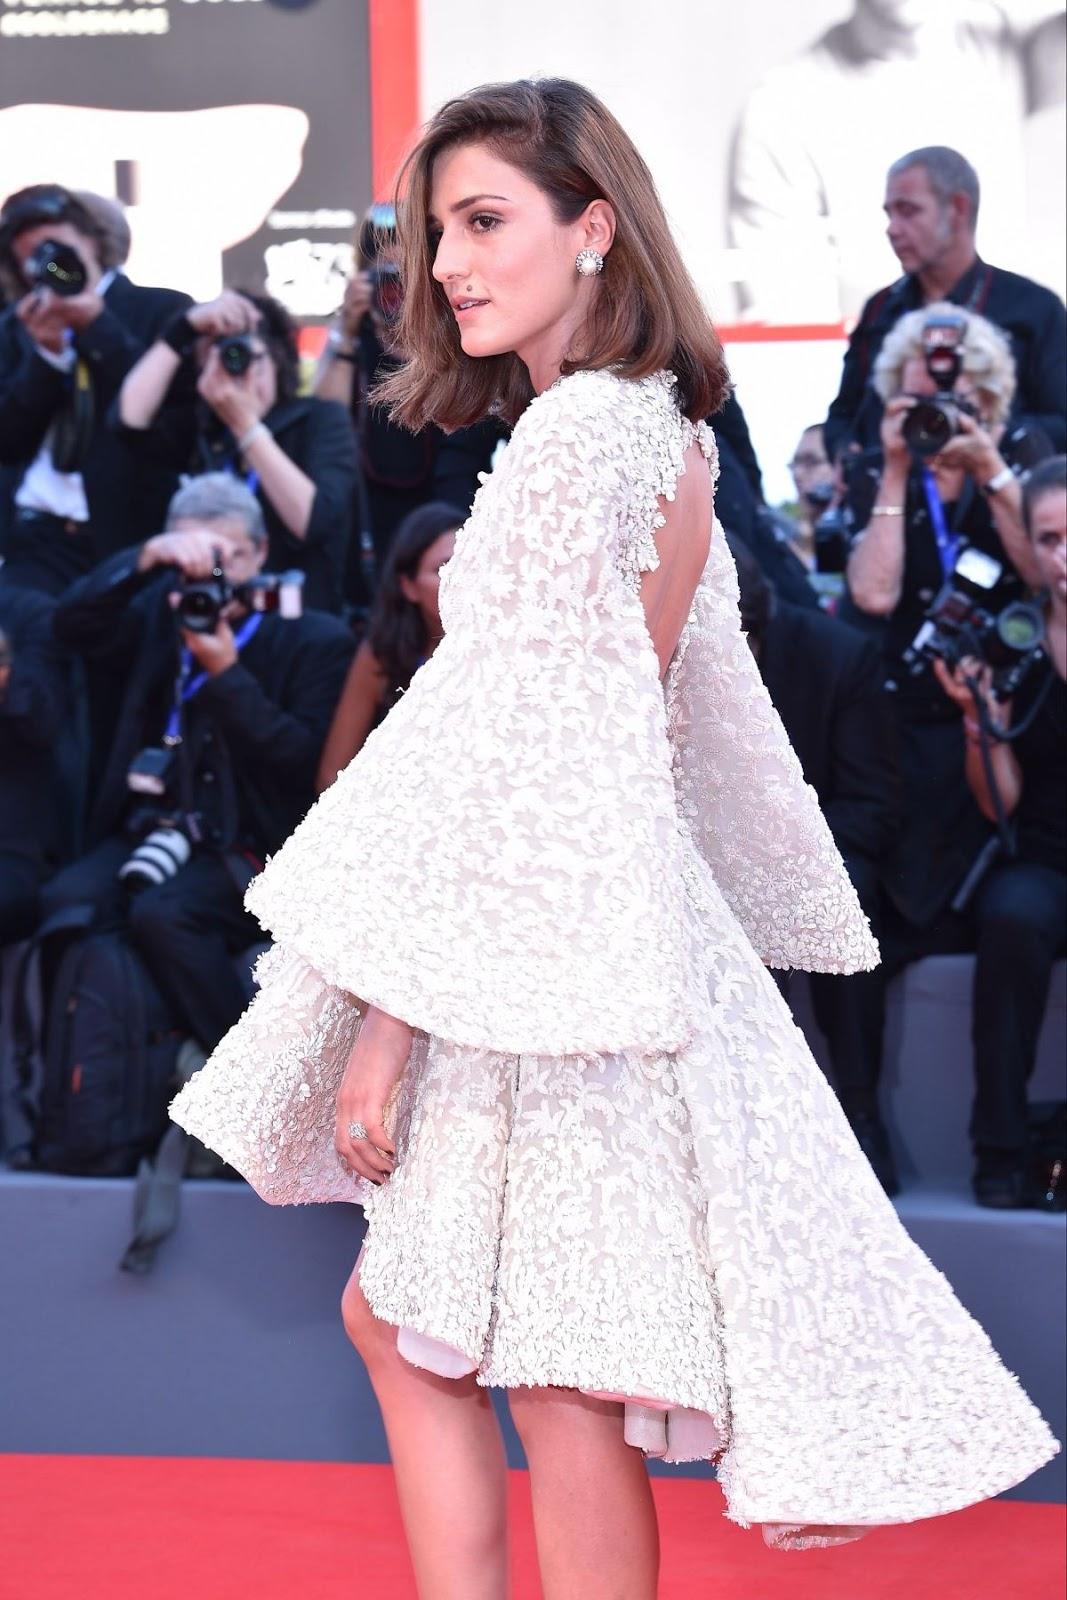 HD Photos of Eleonora Carisi at La La Land Premiere at 2016 Venice Film Festival